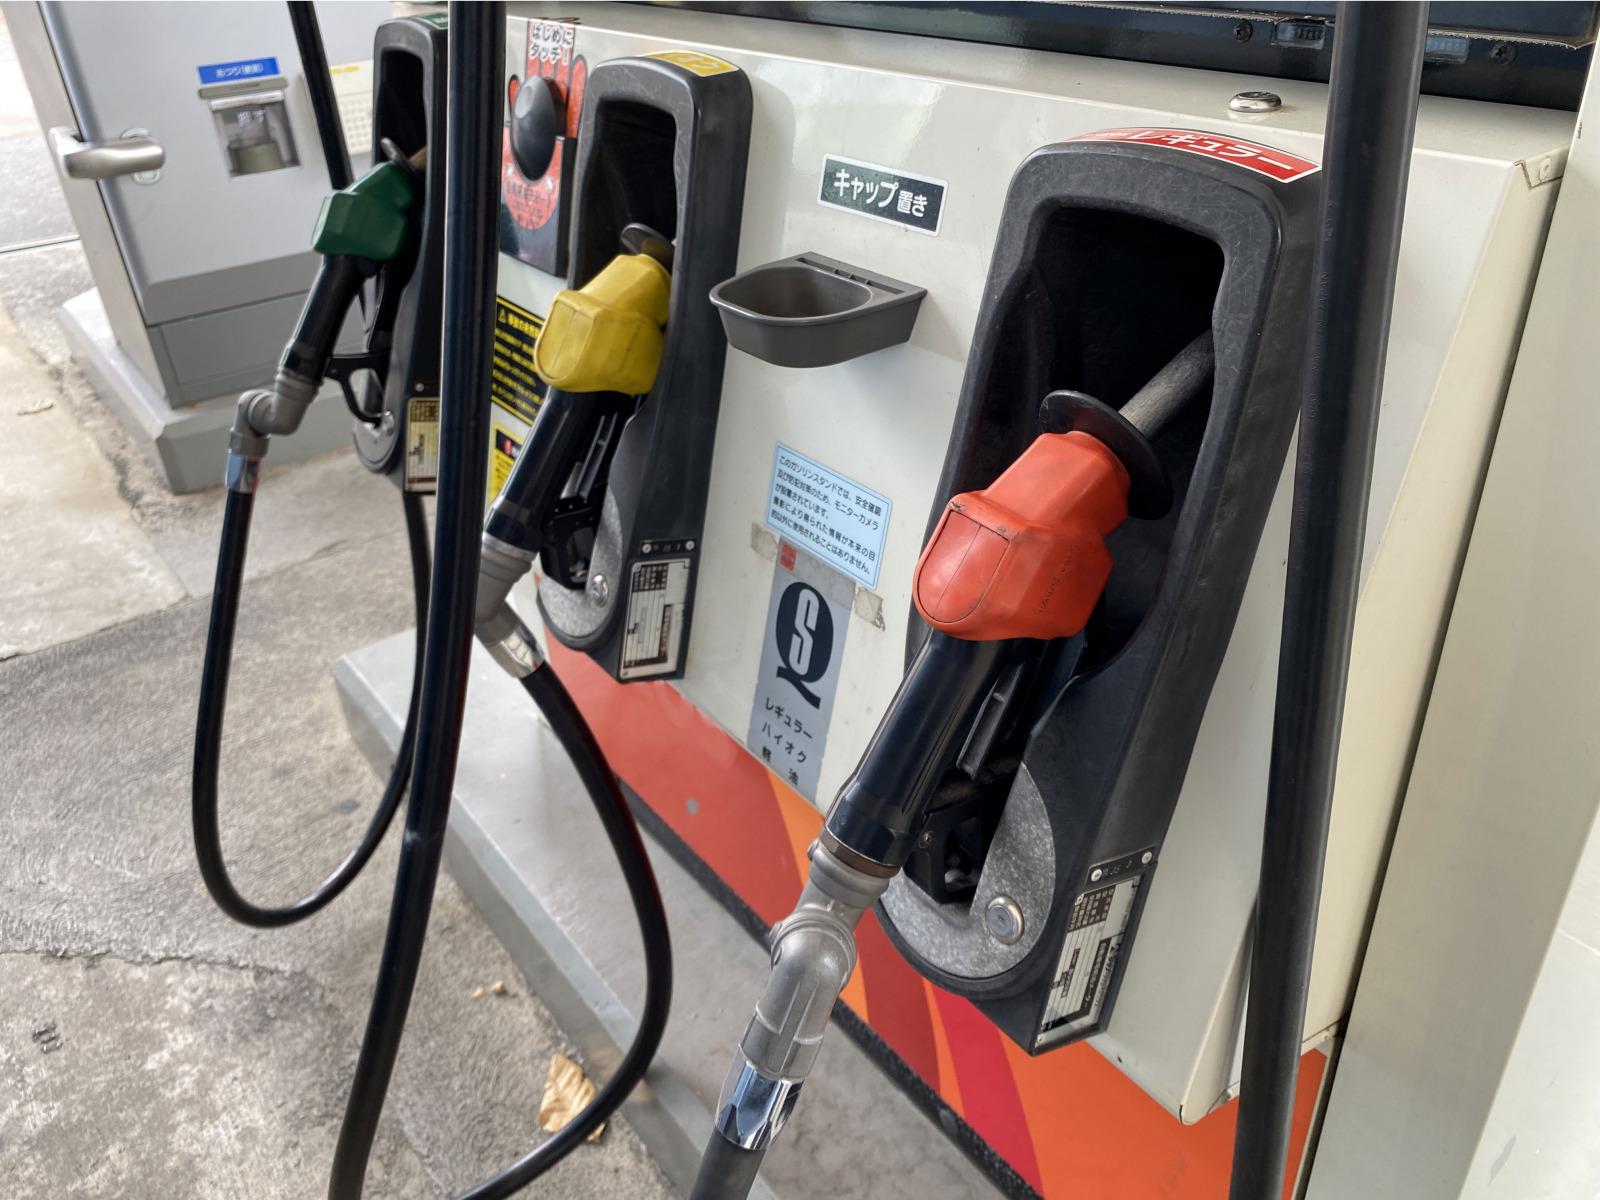 実はとっても危険!セルフスタンドで自動停止後の「継ぎ足し給油」がダメな理由とは?